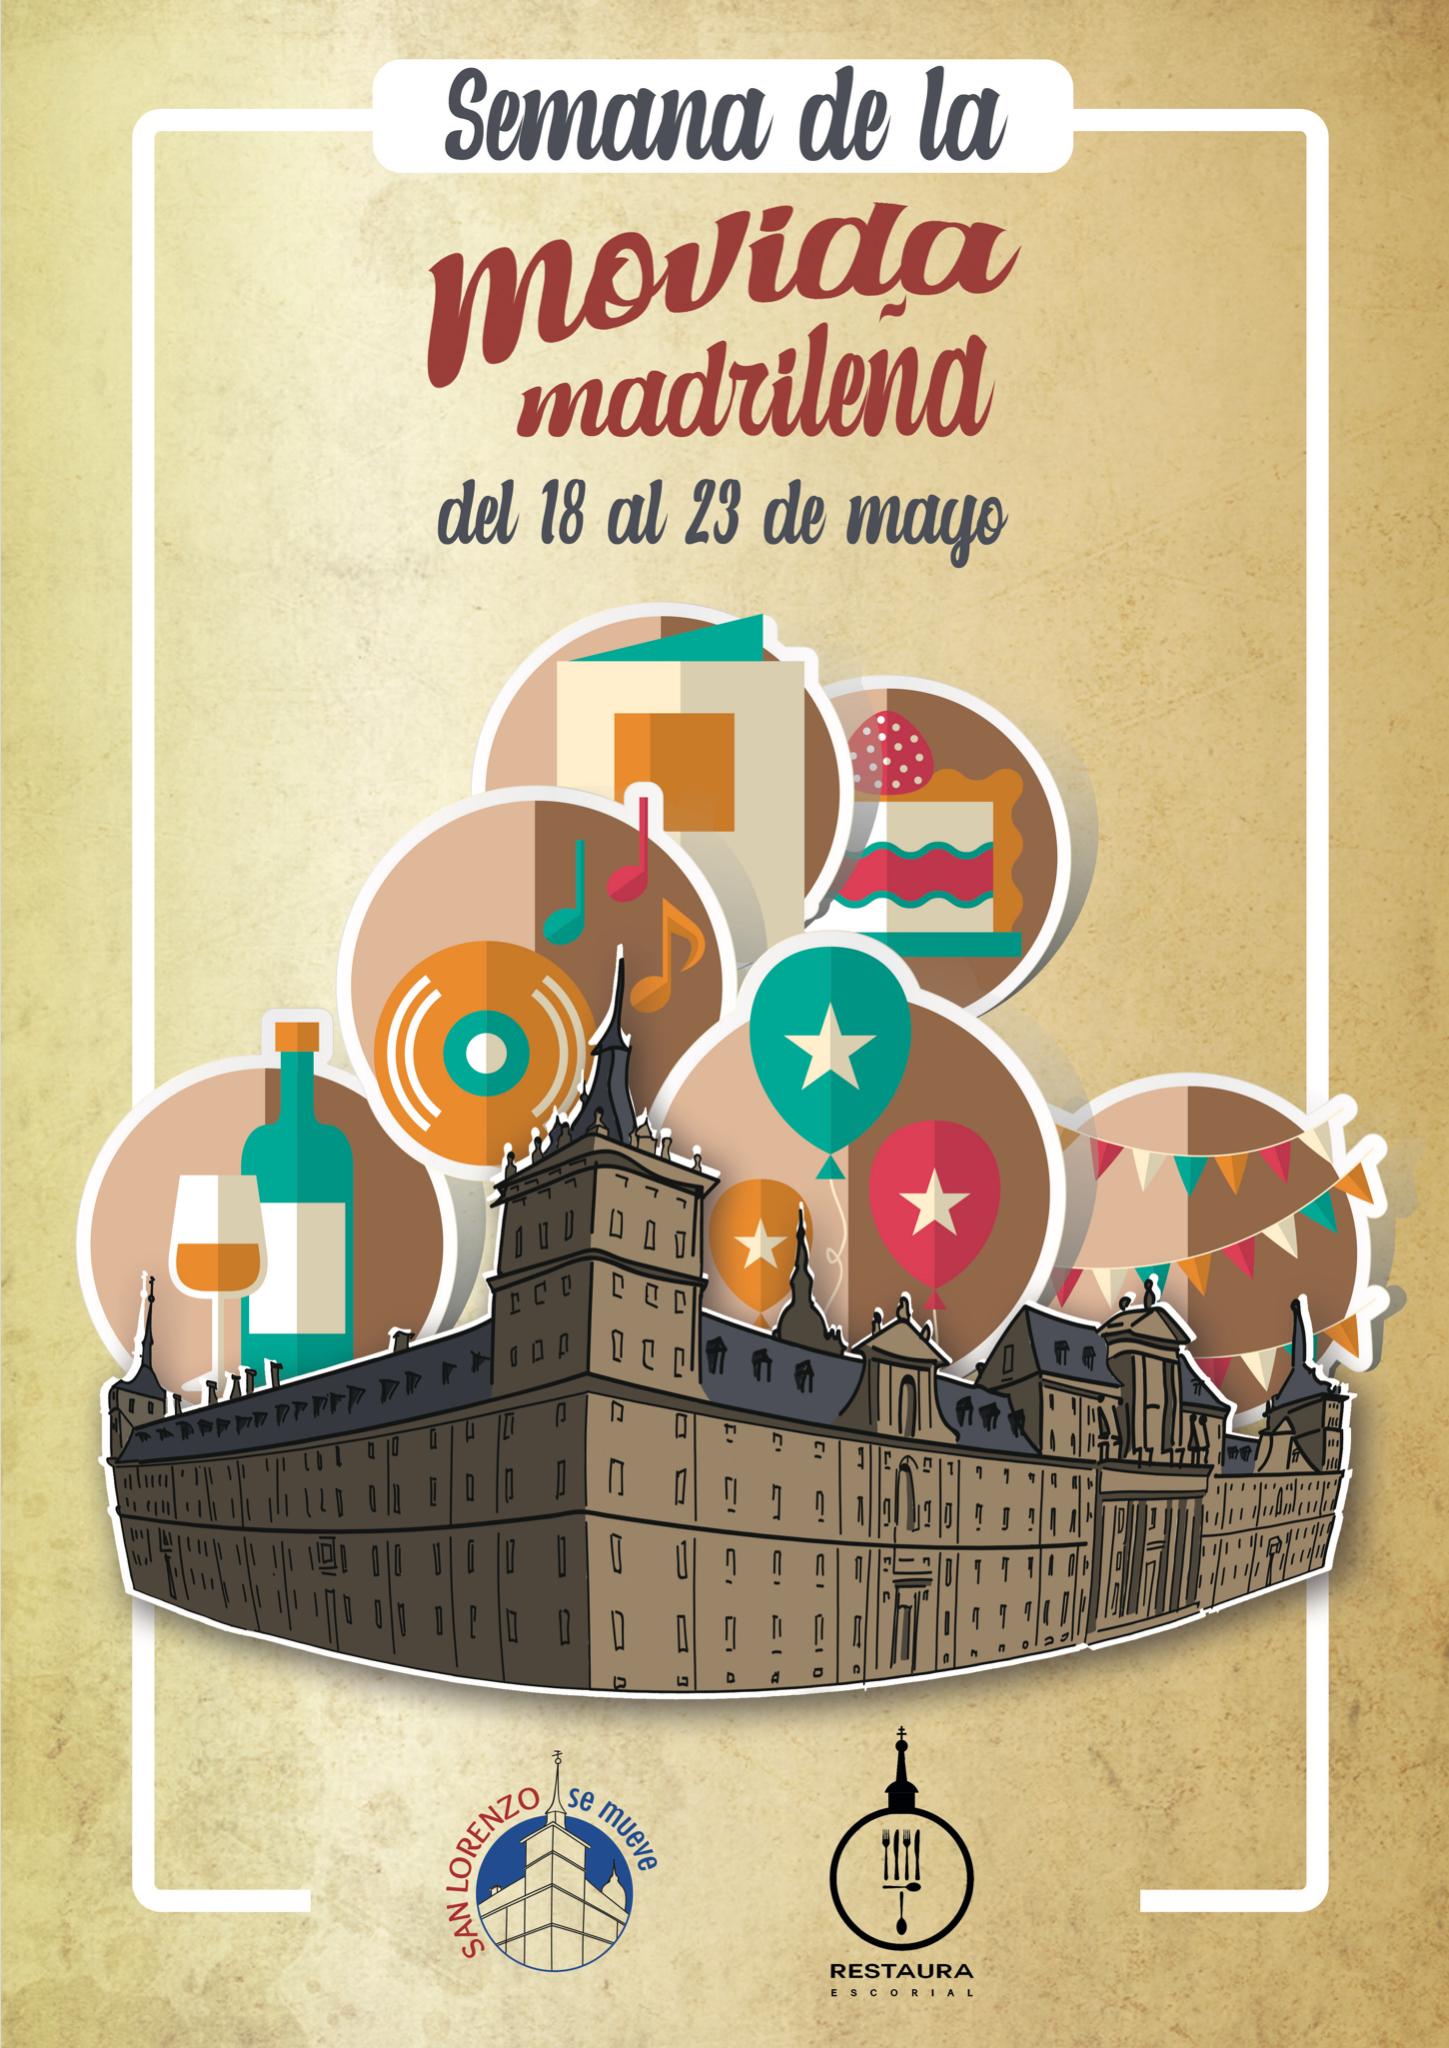 I Semana de la Movida Madrileña en San Lorenzo de El Escorial